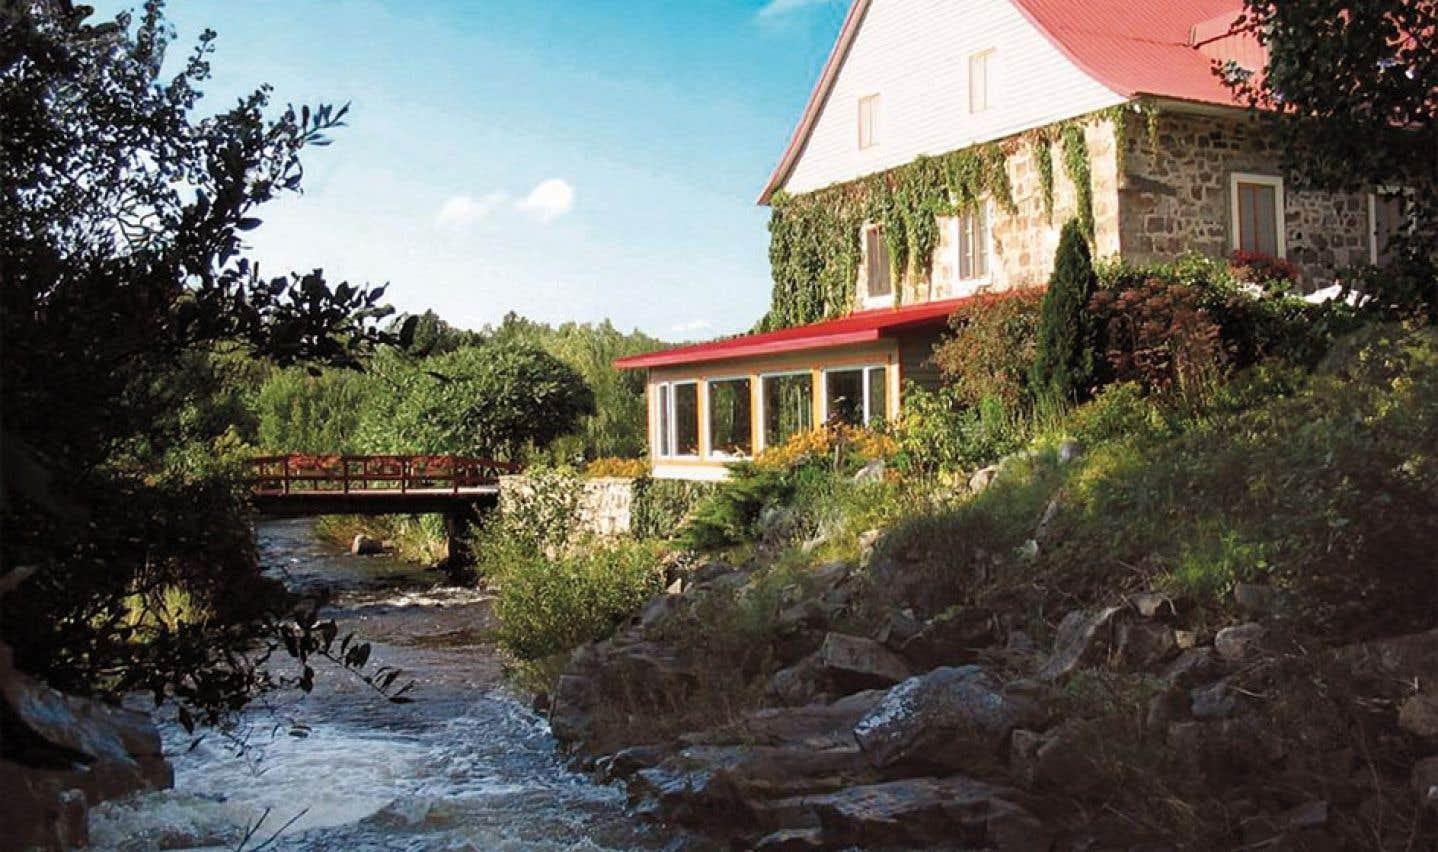 À l'auberge des Glacis, à L'Islet-sur-Mer, on offre des séjours gastronomiques et propose des cours de cuisine aux conjoints des gens d'affaires en réunions.